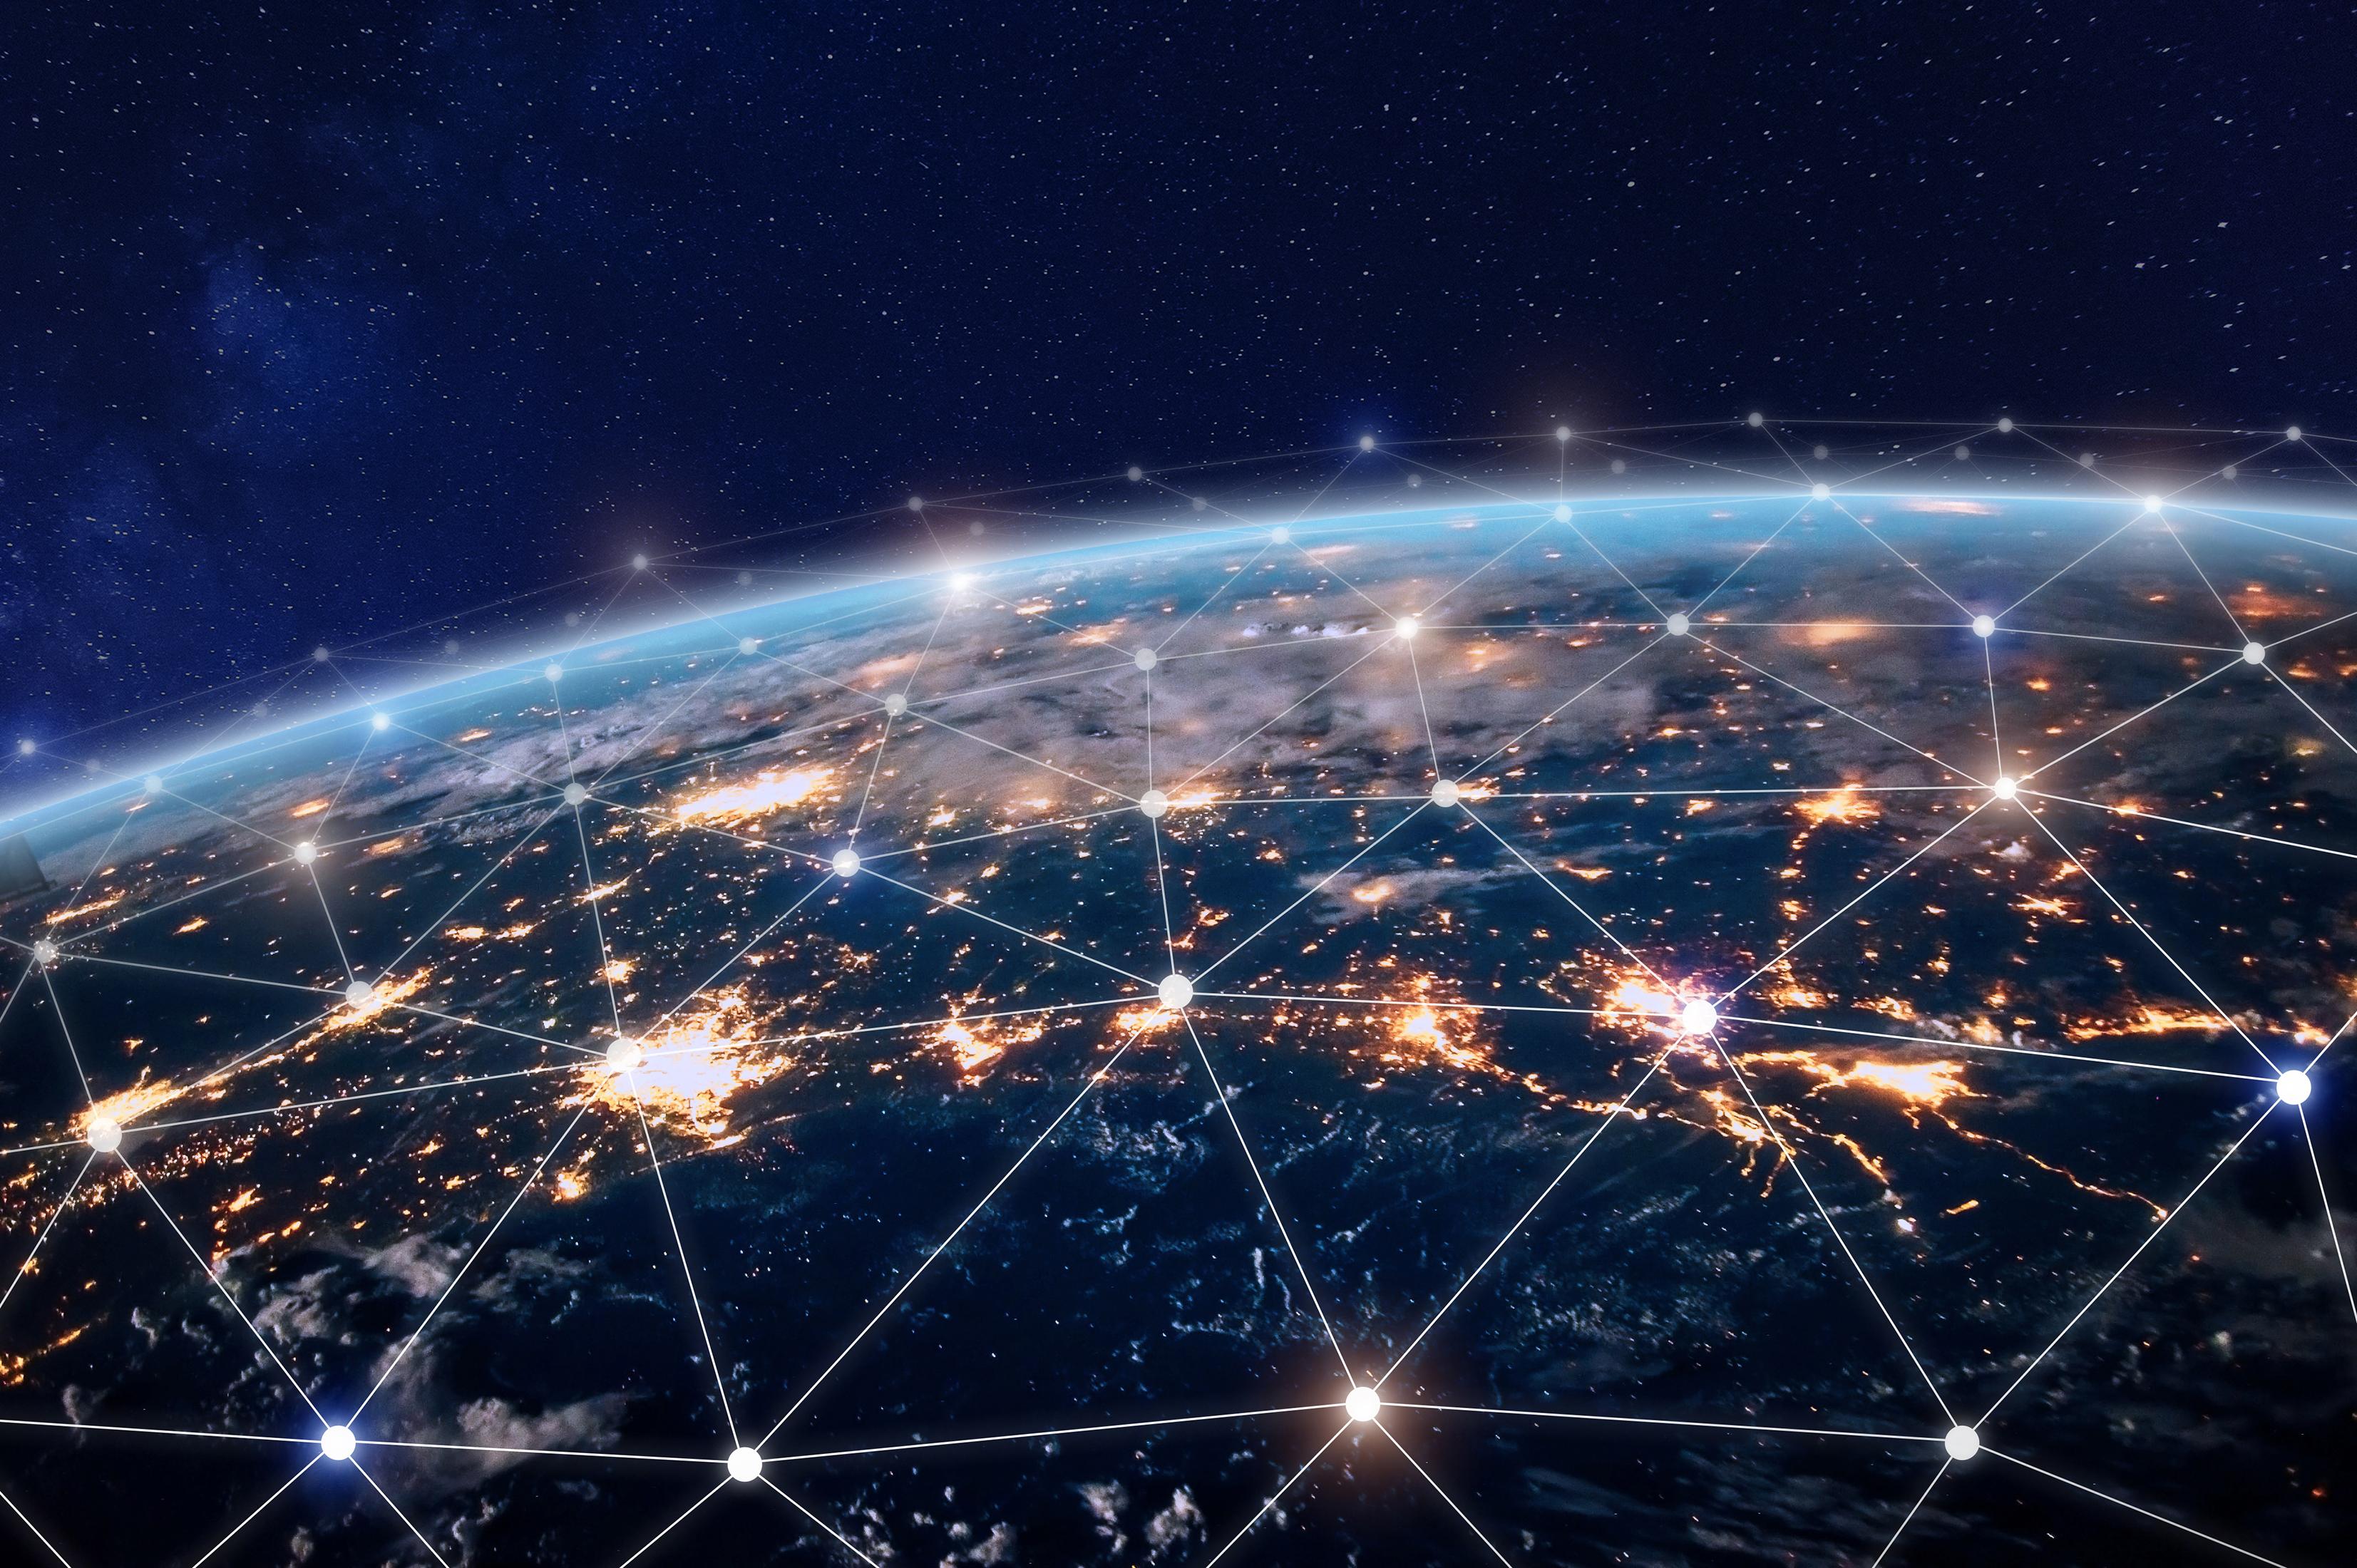 El mercado del e-Learning crecerá un 7% de 2019 a 2025